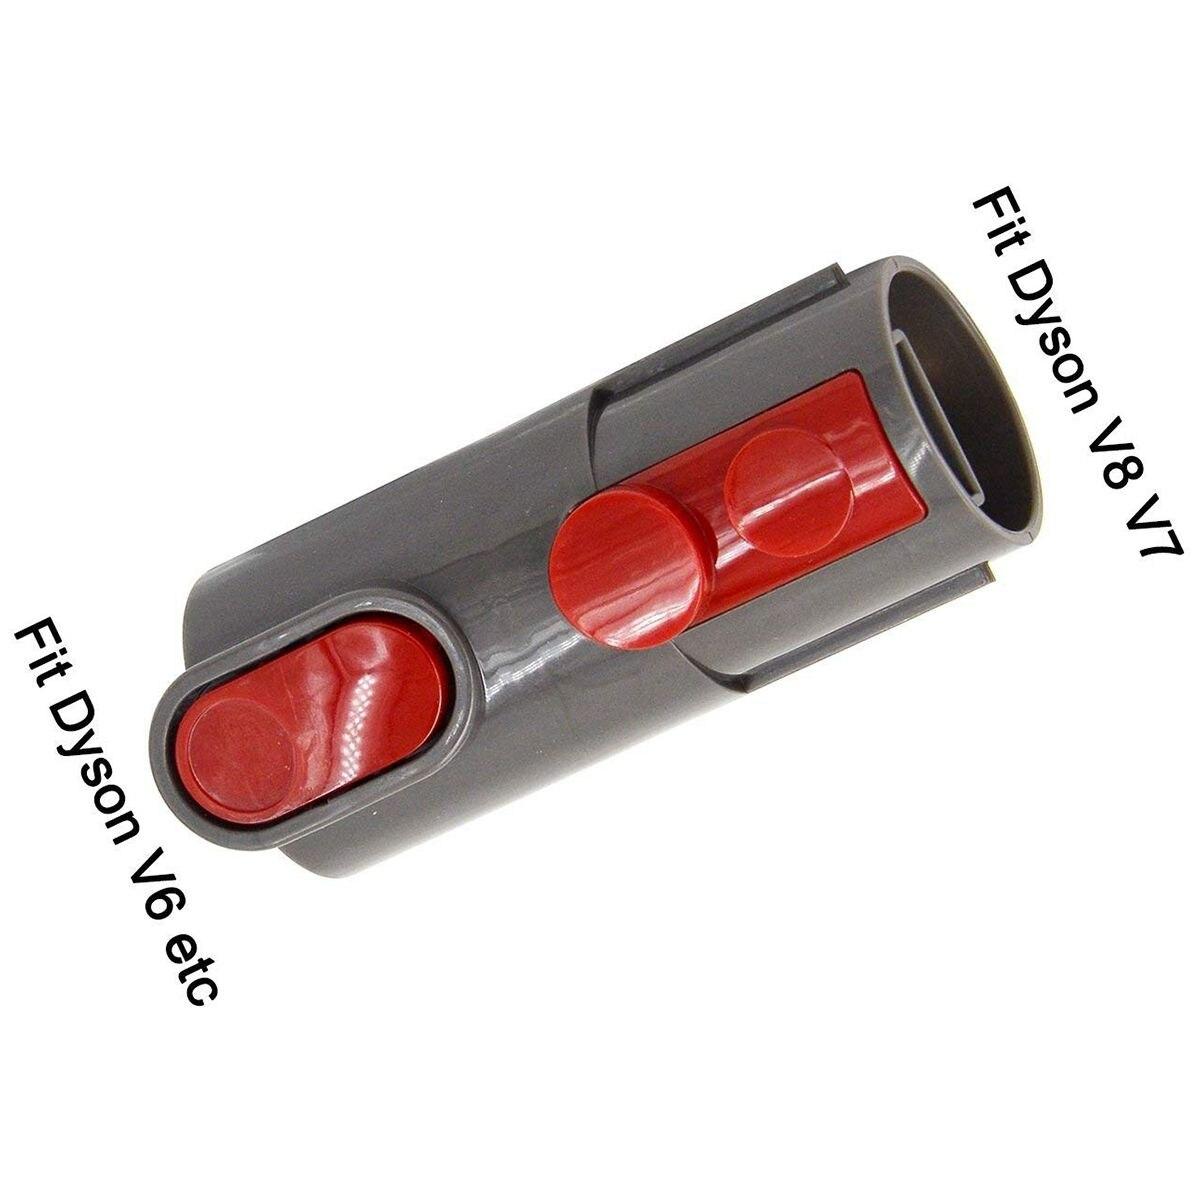 Nuovo per Alt Fit Strumento Adattatore Convertitore Kit per Dyson V6 V7 V10 V10 SV10 SV11 Cordless Aspirapolvere RegaloNuovo per Alt Fit Strumento Adattatore Convertitore Kit per Dyson V6 V7 V10 V10 SV10 SV11 Cordless Aspirapolvere Regalo